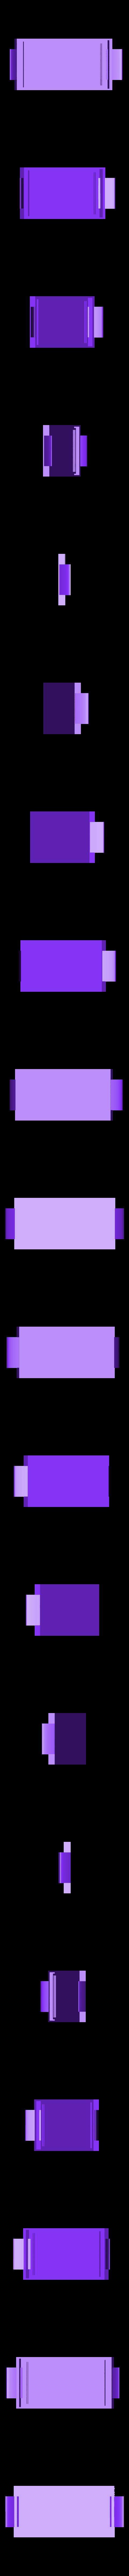 boitebeurre.stl Télécharger fichier STL gratuit Plateau beurre • Modèle pour imprimante 3D, ericmicek